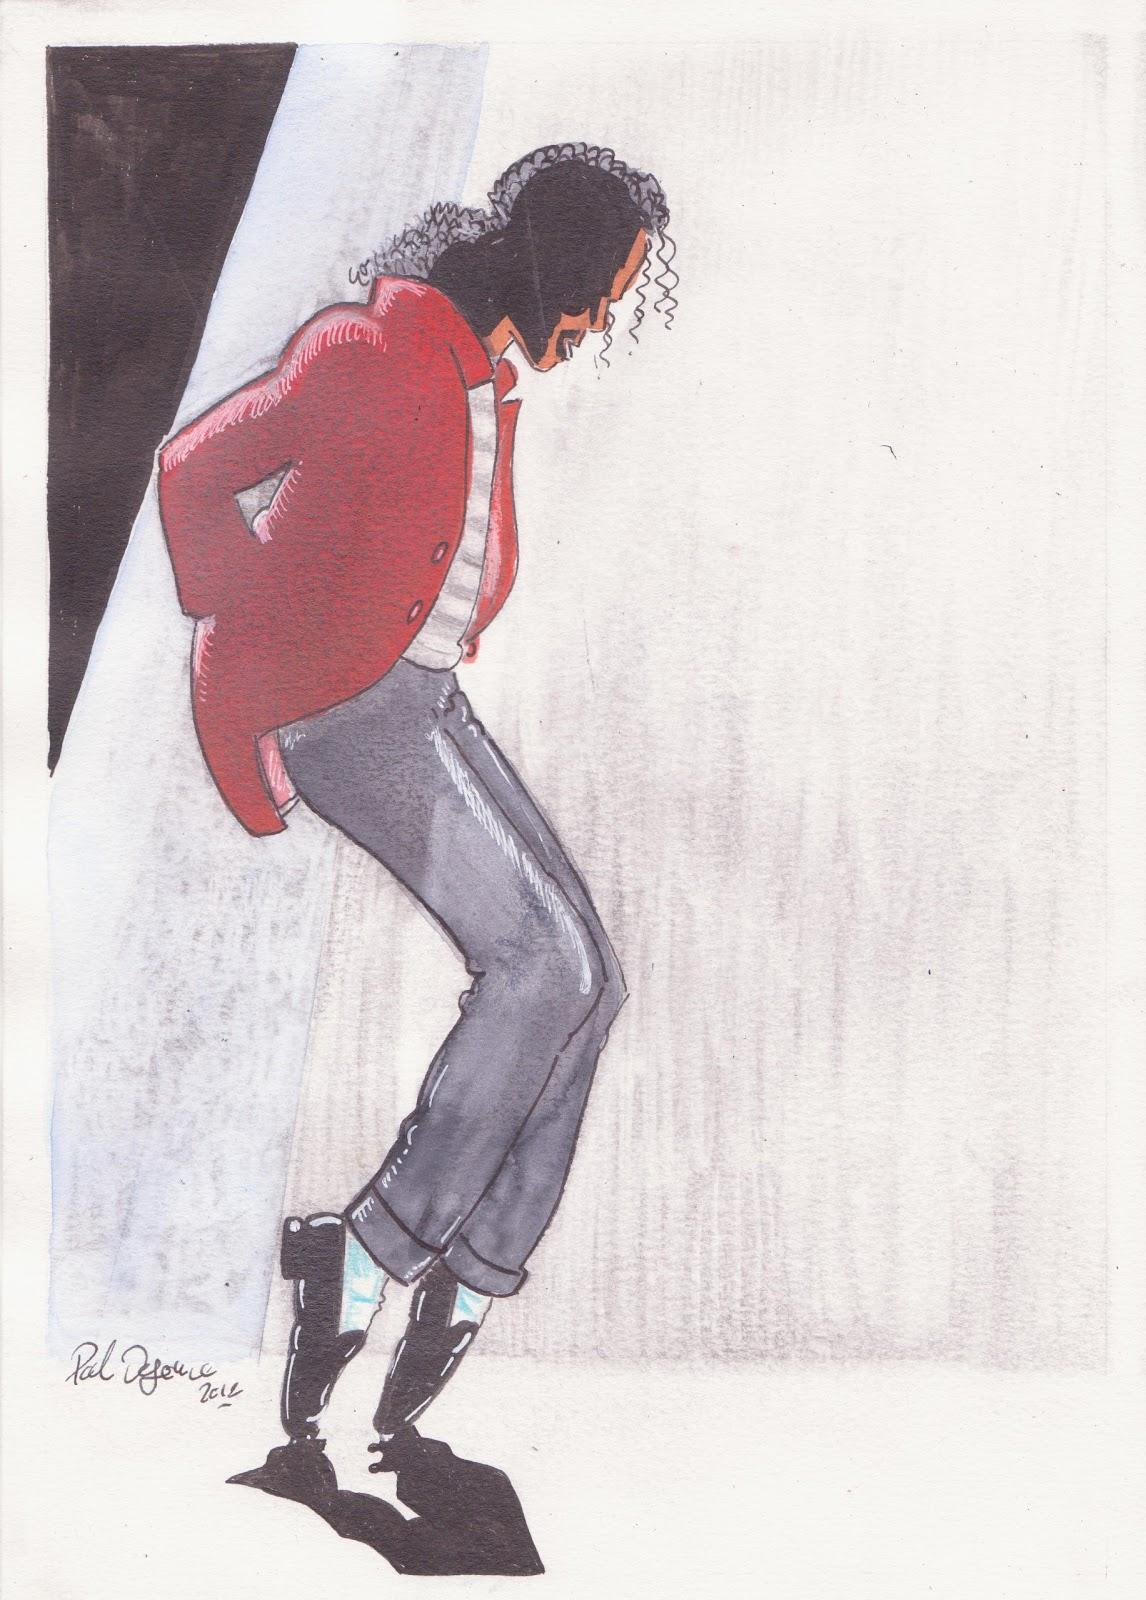 http://1.bp.blogspot.com/-clVBMp1VbIo/T7akq7NdzpI/AAAAAAAABr8/JJNhSjQZqx8/s1600/michael+Jackson+dessin+pal+degome+001.jpg